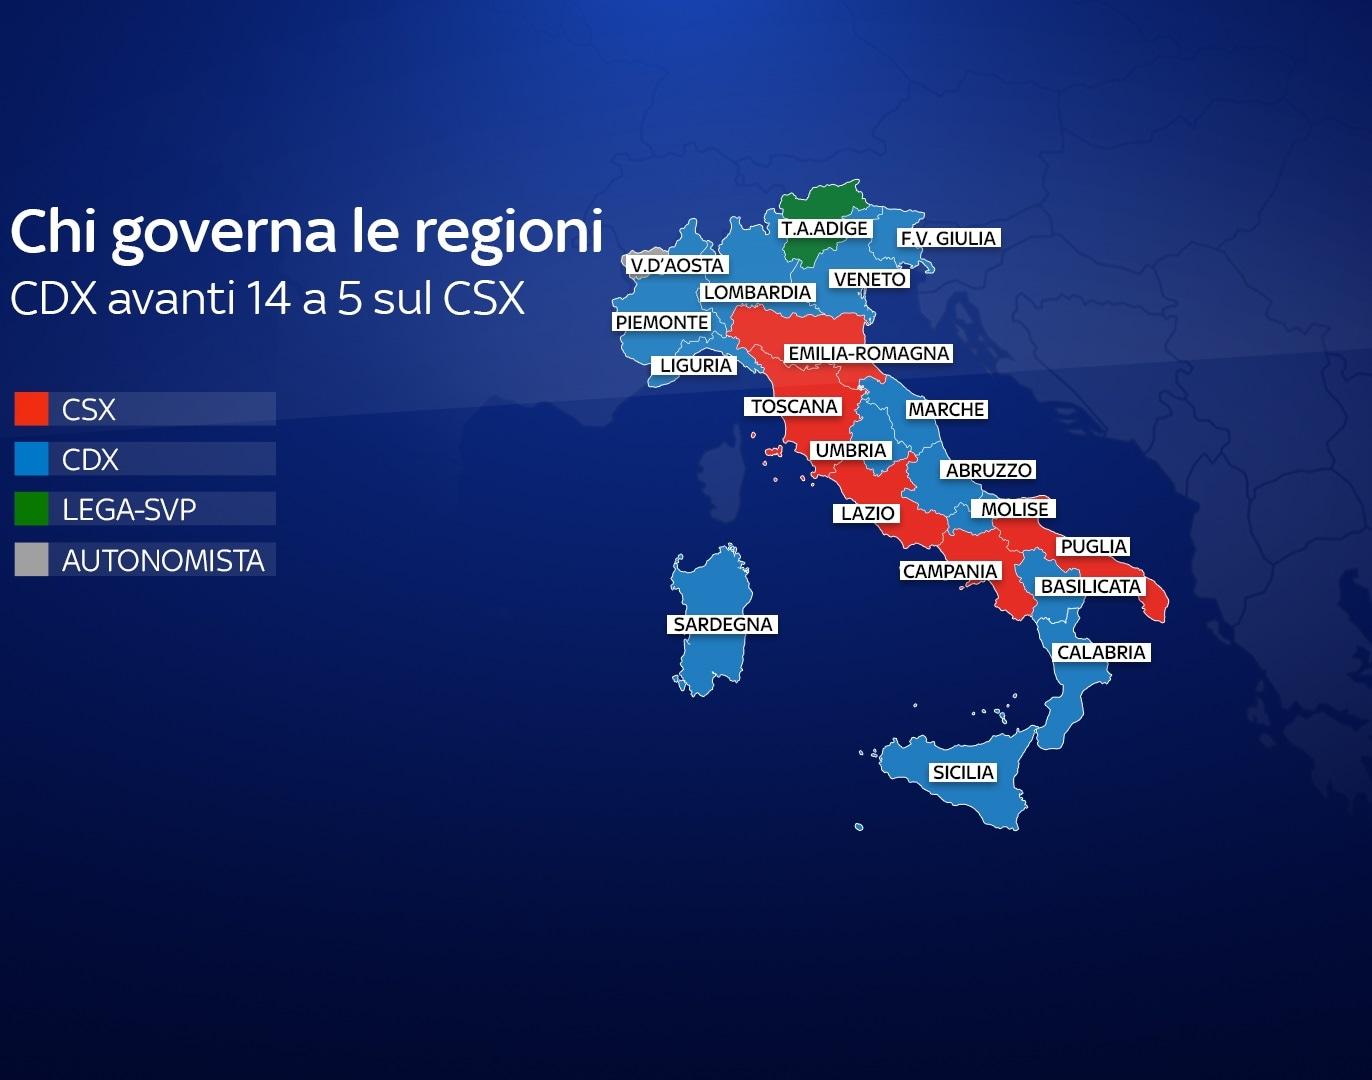 Cartina Regione Lazio Divisa Per Province.Partiti E Presidenti Delle Regioni Italiane Ecco Chi Governa E Dove Mappa